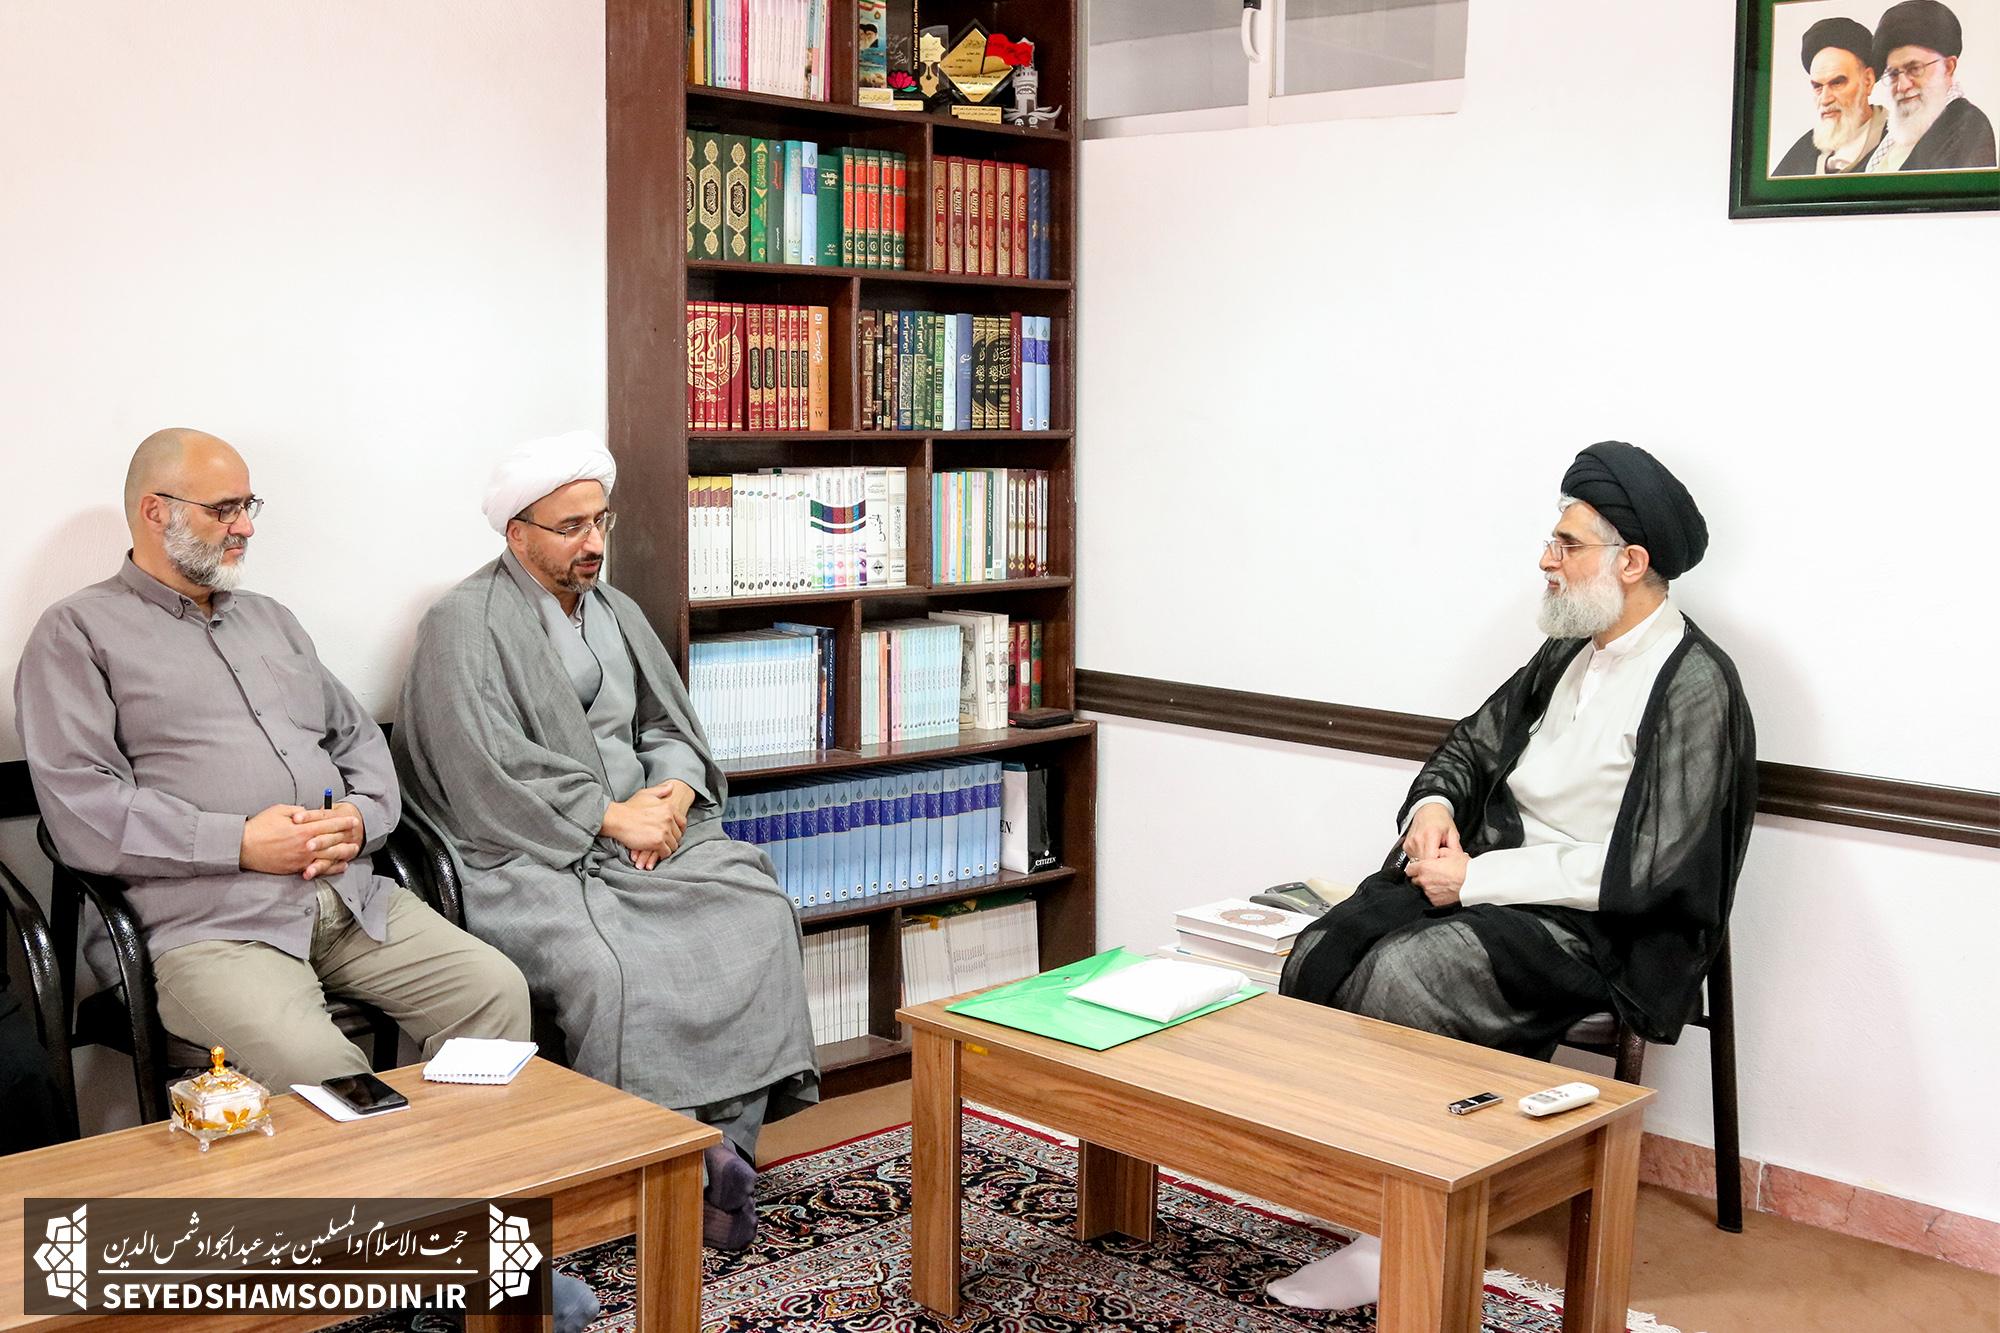 دیدار مسئول دبیرخانه کانون های فرهنگی و هنری مساجد گیلان با امام جمعه بندرانزلی